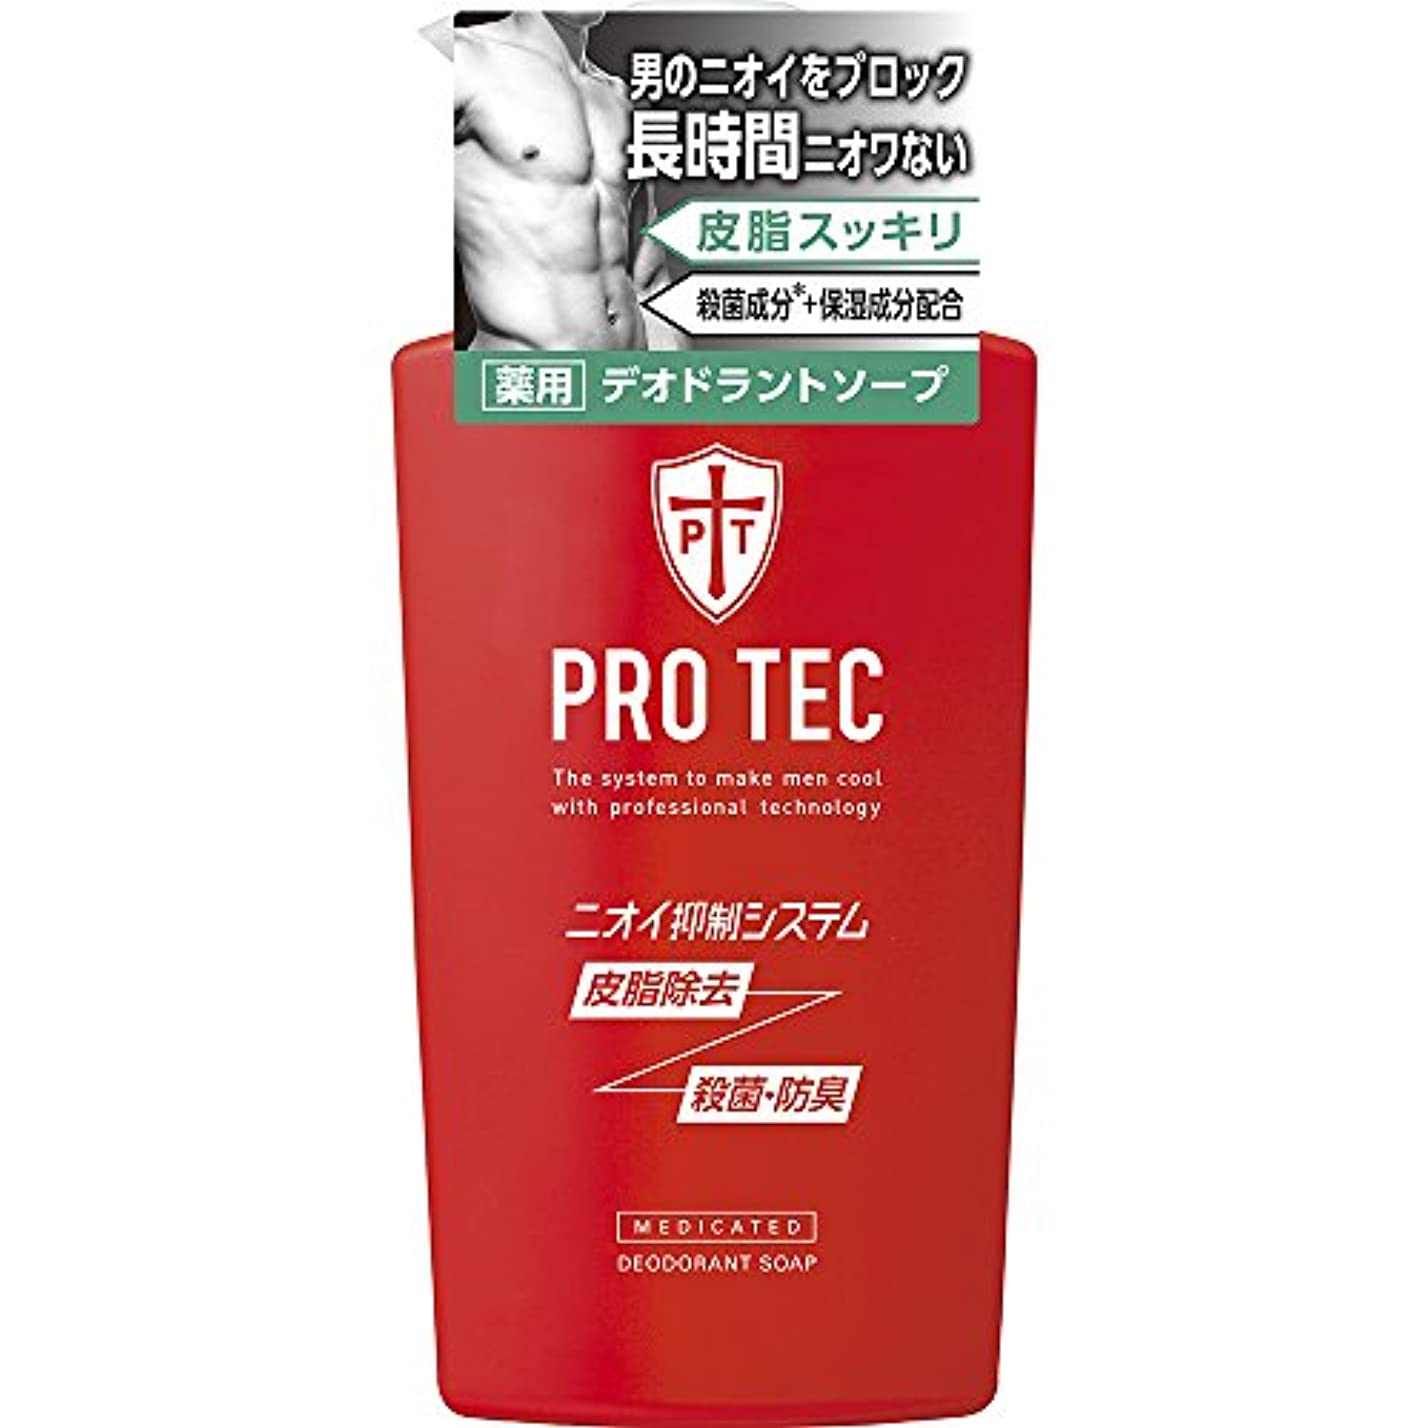 デコラティブ明確に独創的PRO TEC(プロテク) デオドラントソープ 本体ポンプ 420ml